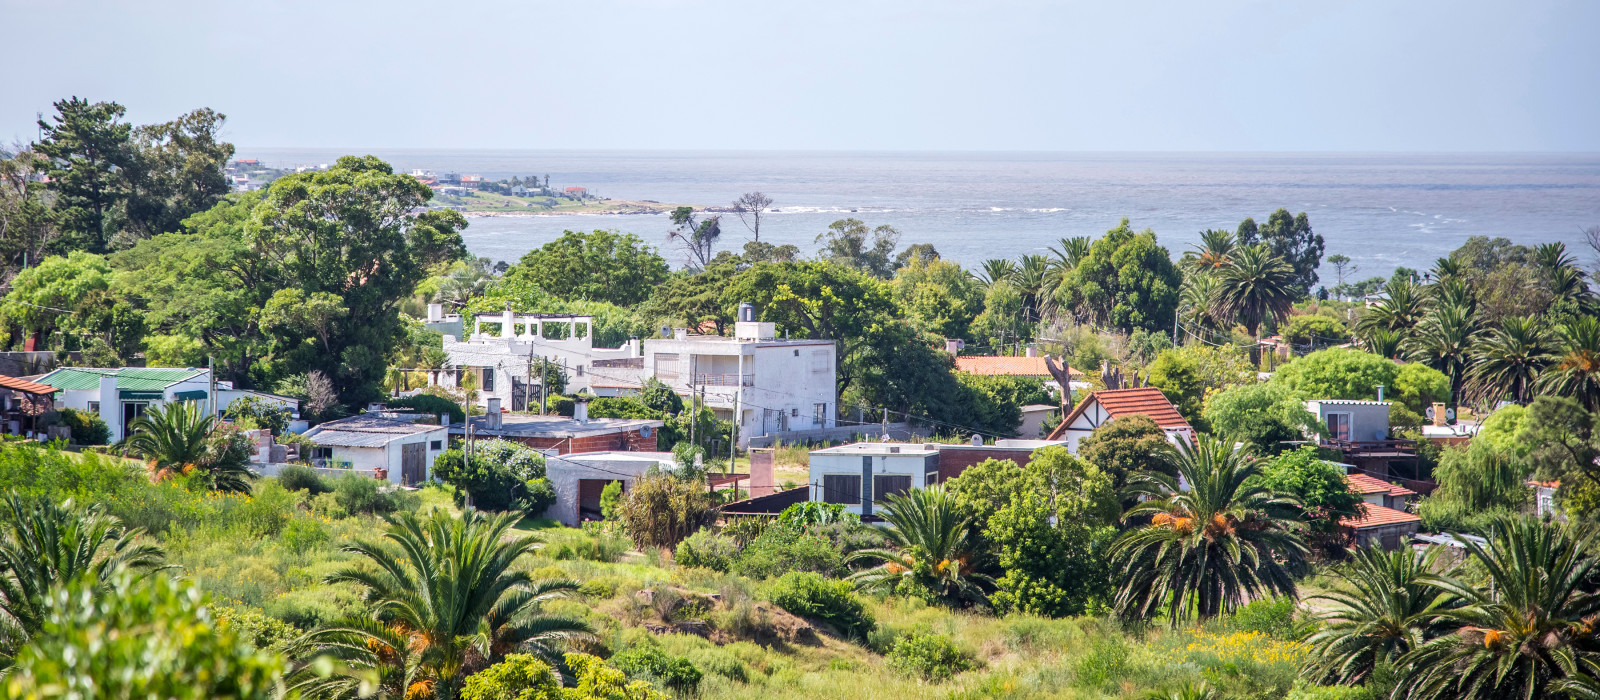 Vereinzelte Häuser inmitten von Palmen und Büschen am Ufer in Uruguay